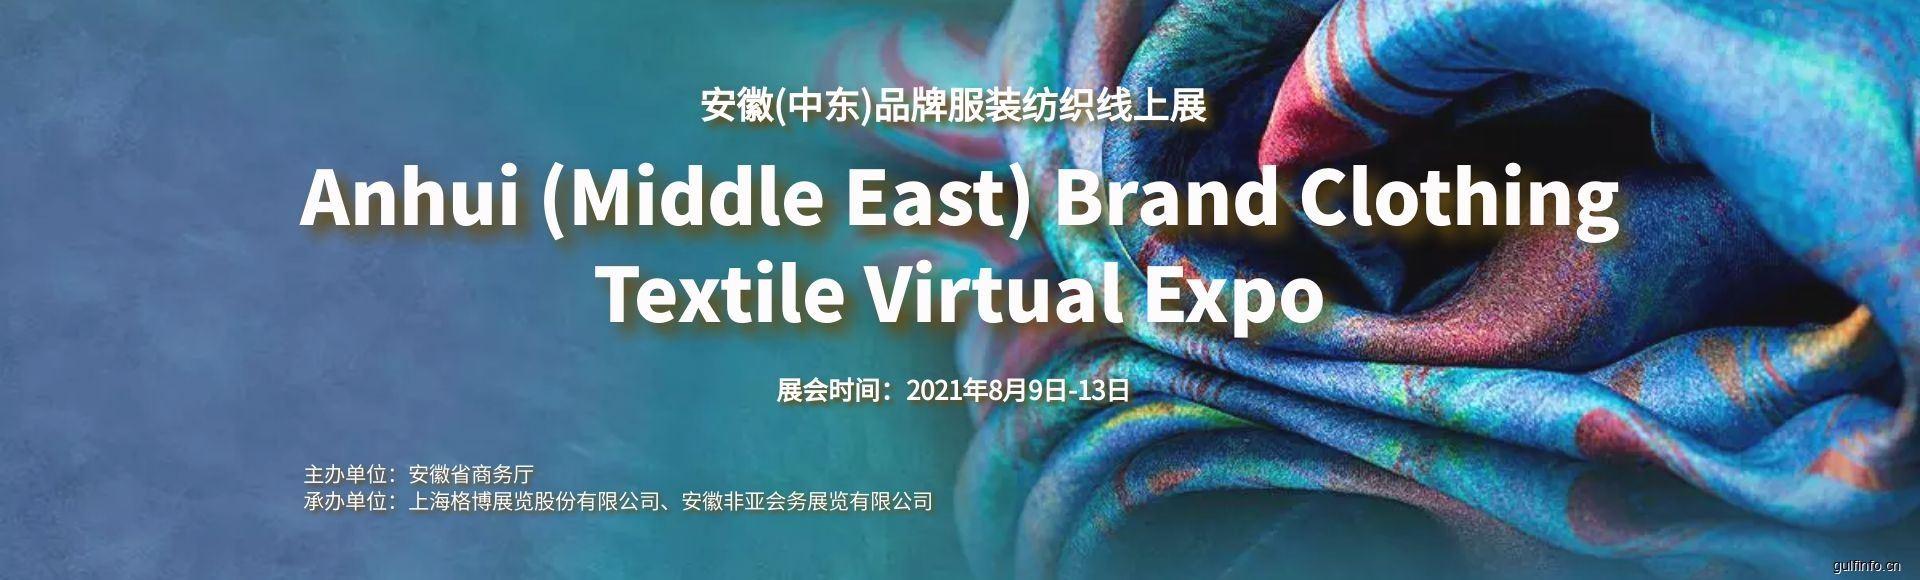 2021安徽(中东)品牌服装纺织线上展即将启动